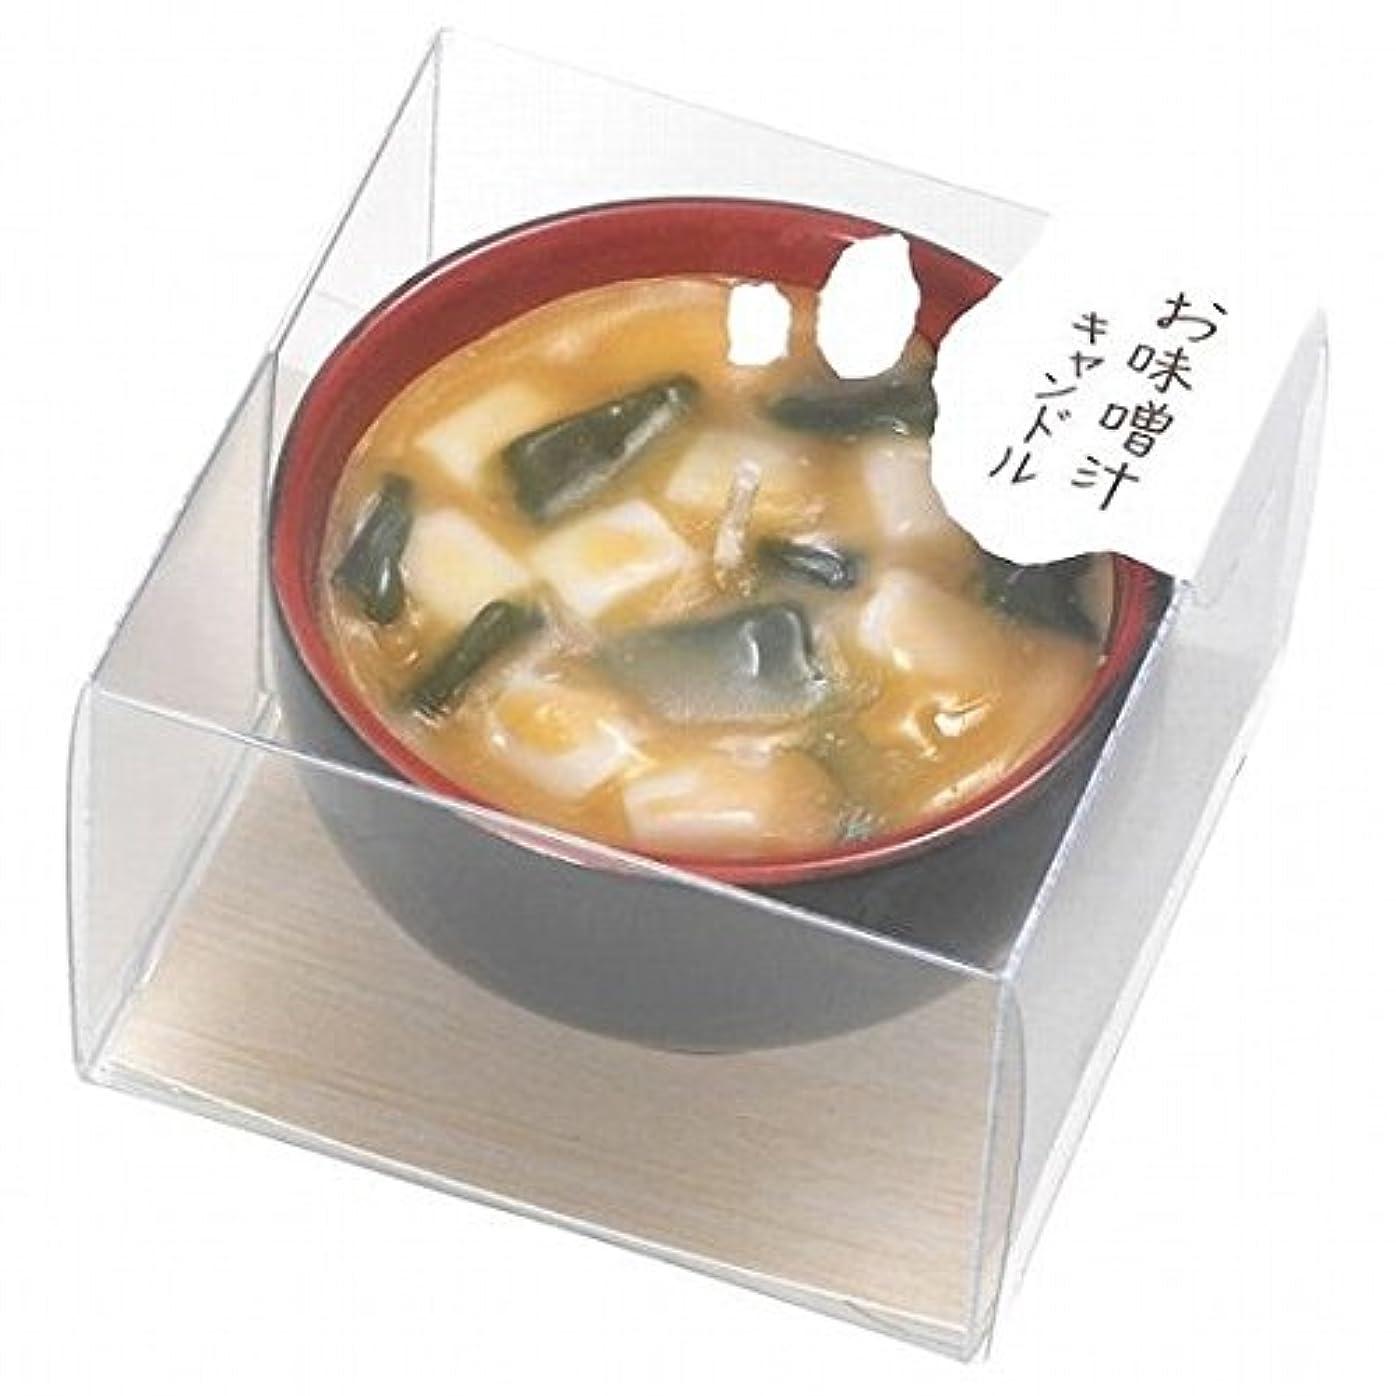 商品うねるリテラシーkameyama candle(カメヤマキャンドル) お味噌汁キャンドル(86950000)